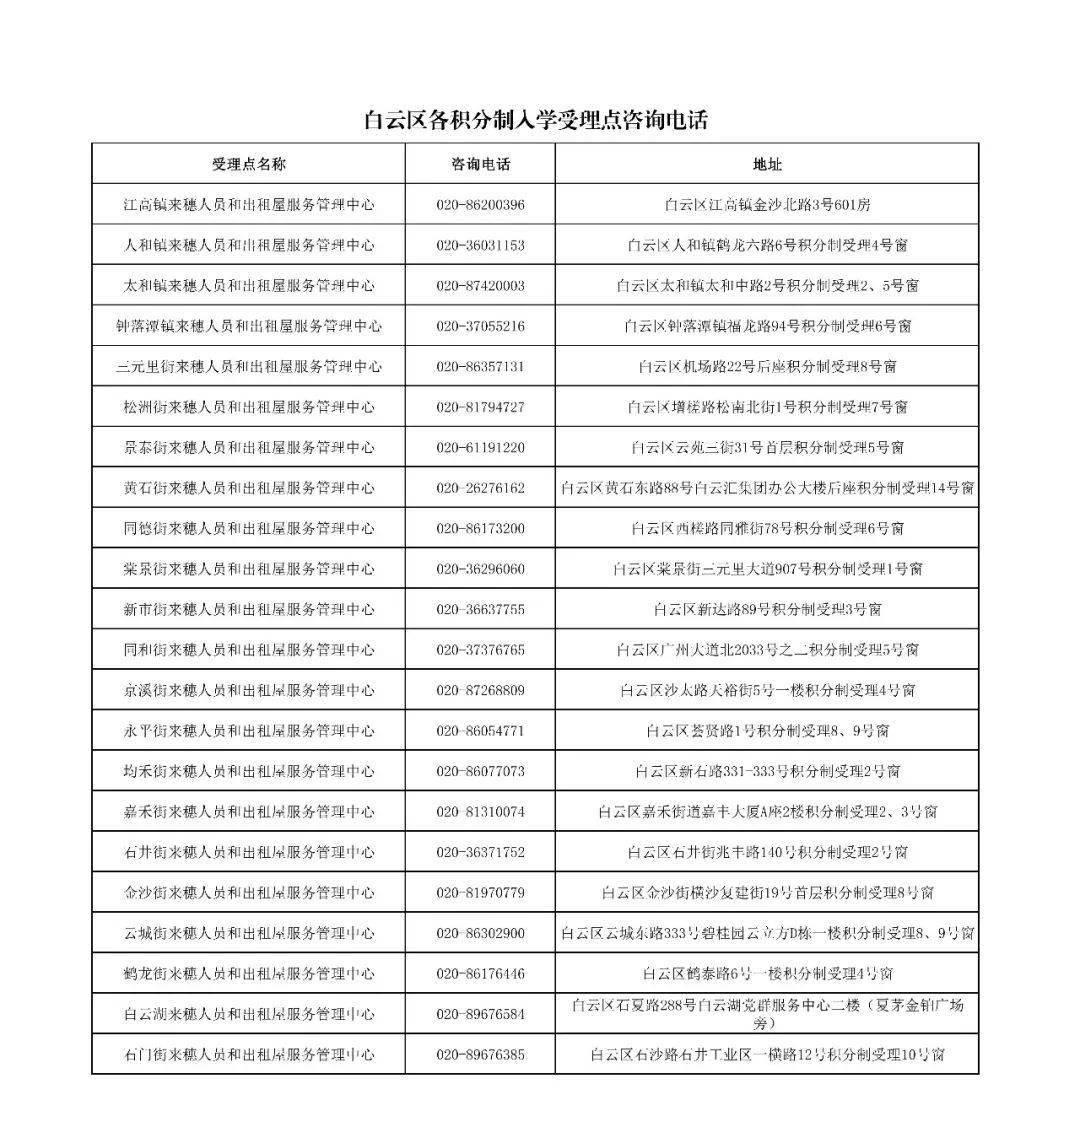 2020广州白云区流失人口_广州白云区图片